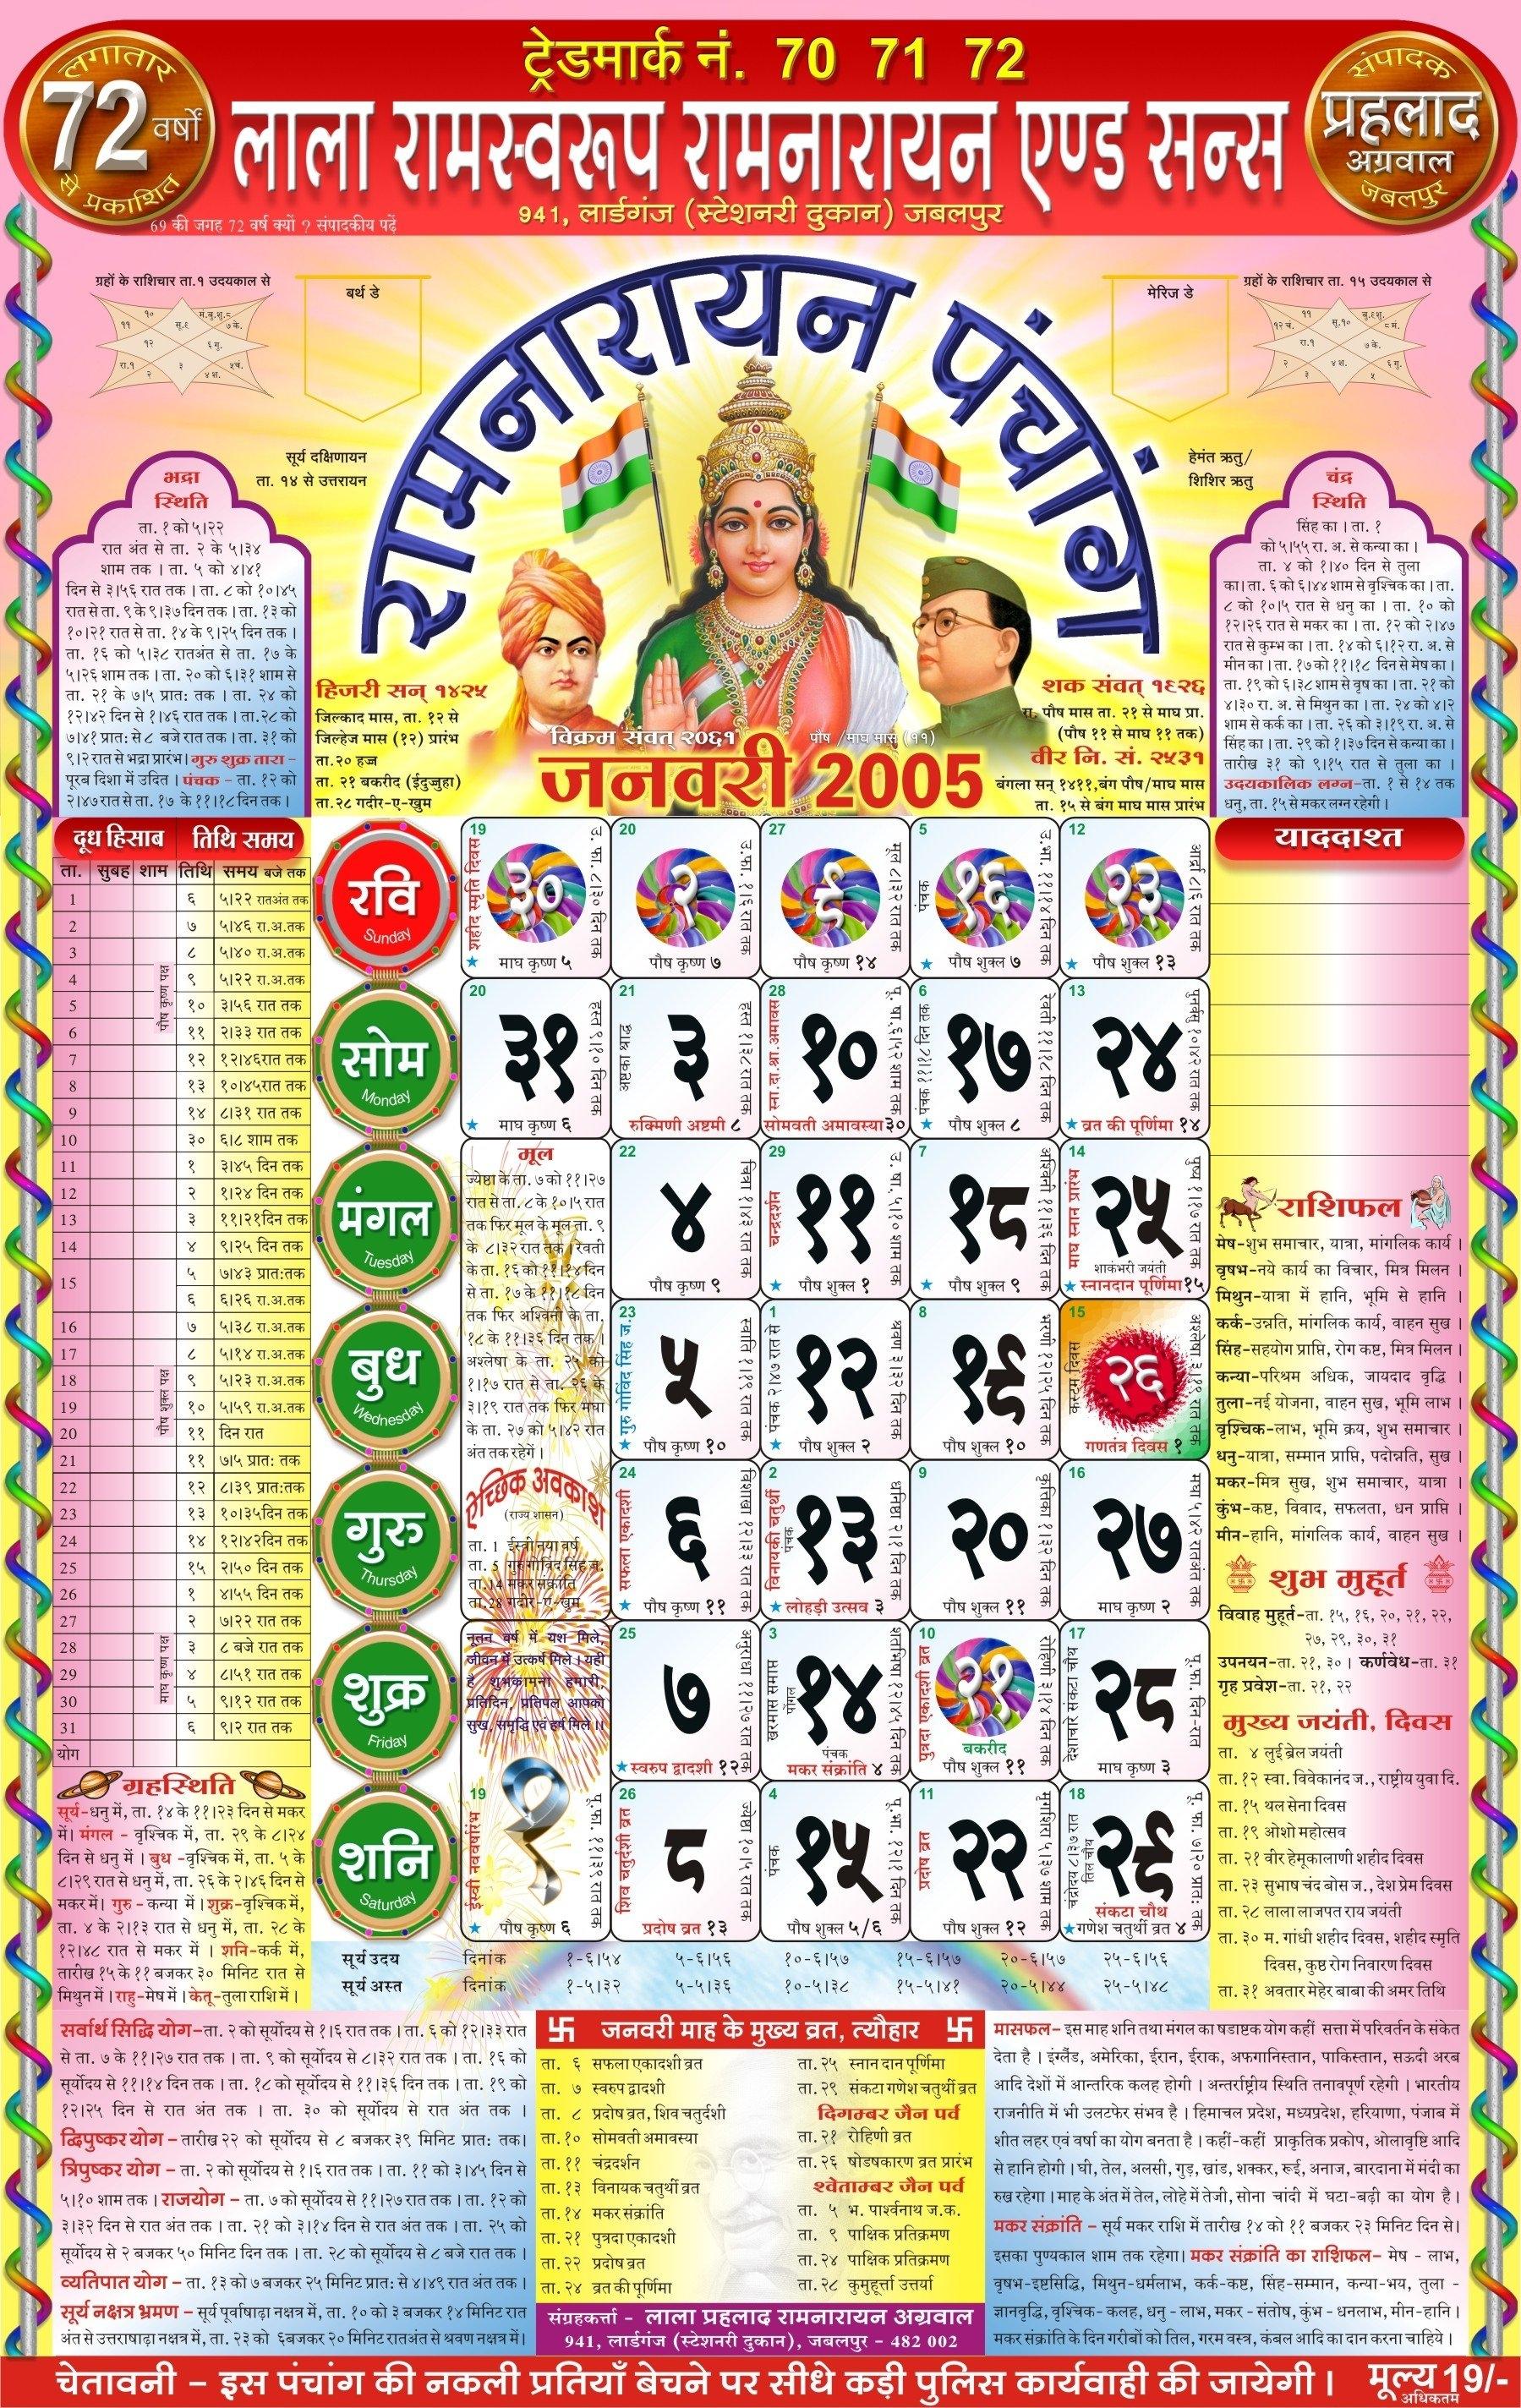 Rn January 2005 With Lala Ramswaroop Calendar 2017 Pdf | Thekpark Calendar 2019 Ramnarayan Panchang Pdf